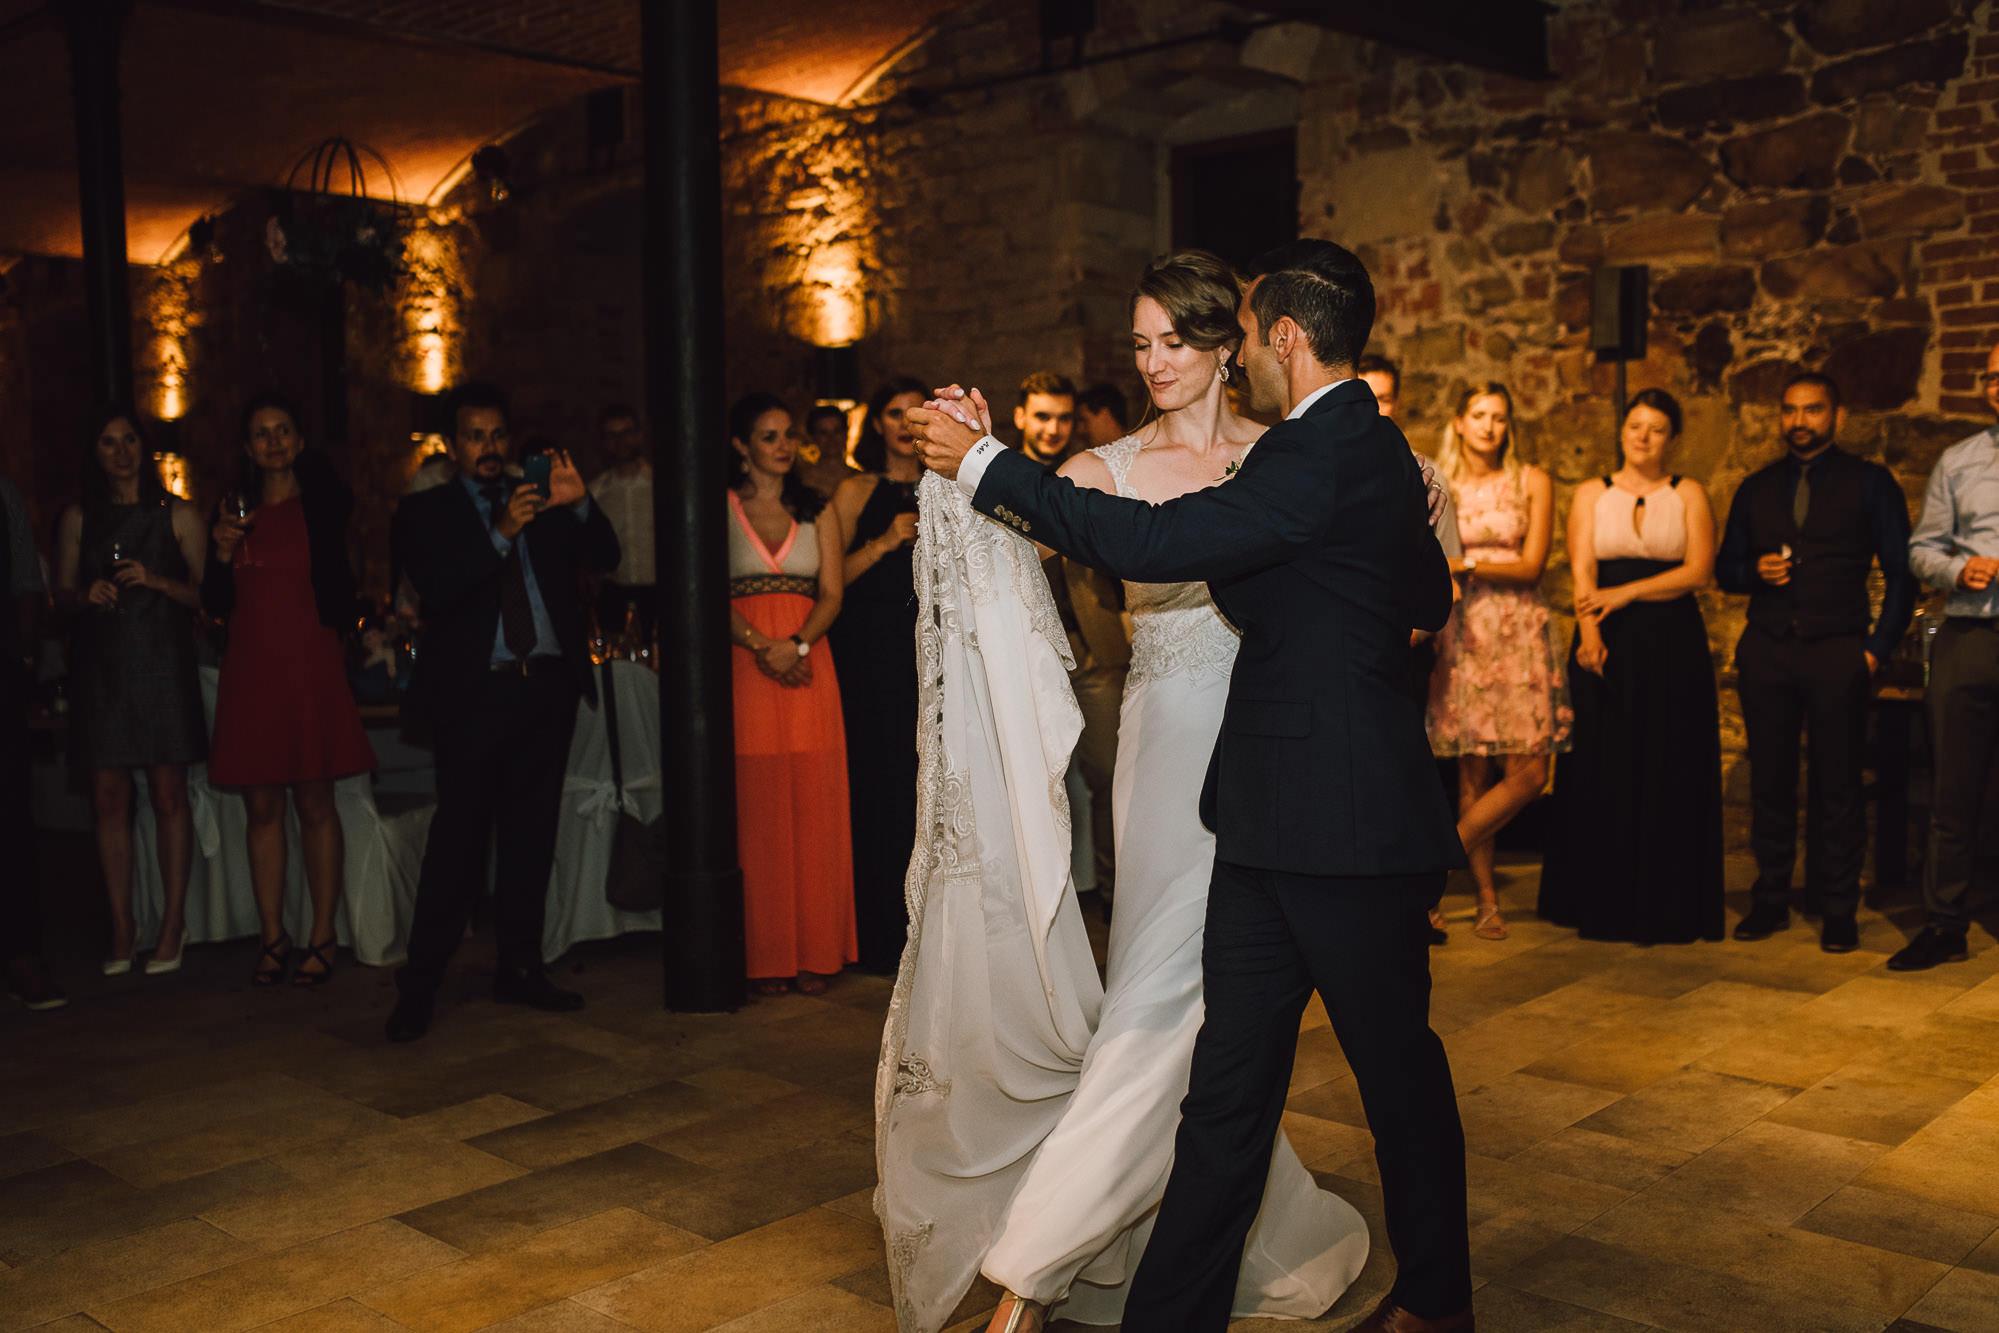 rustic-elegant-wedding-schloss-hochzeit-eyrichshof-franken-bamberg-138